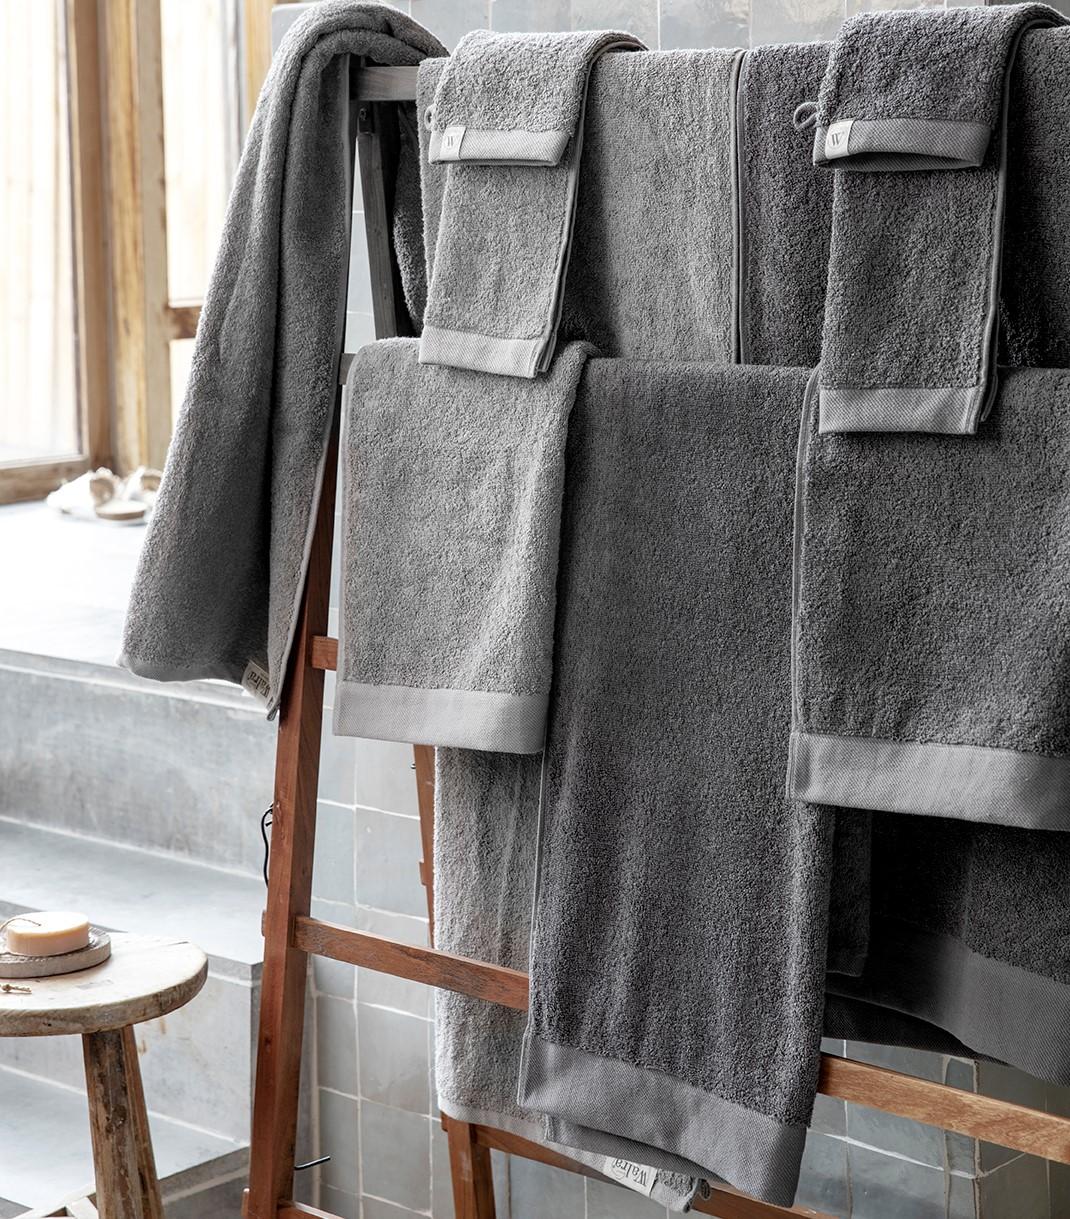 Badlaken Walra Soft Katoen II 70x140 cm Antraciet